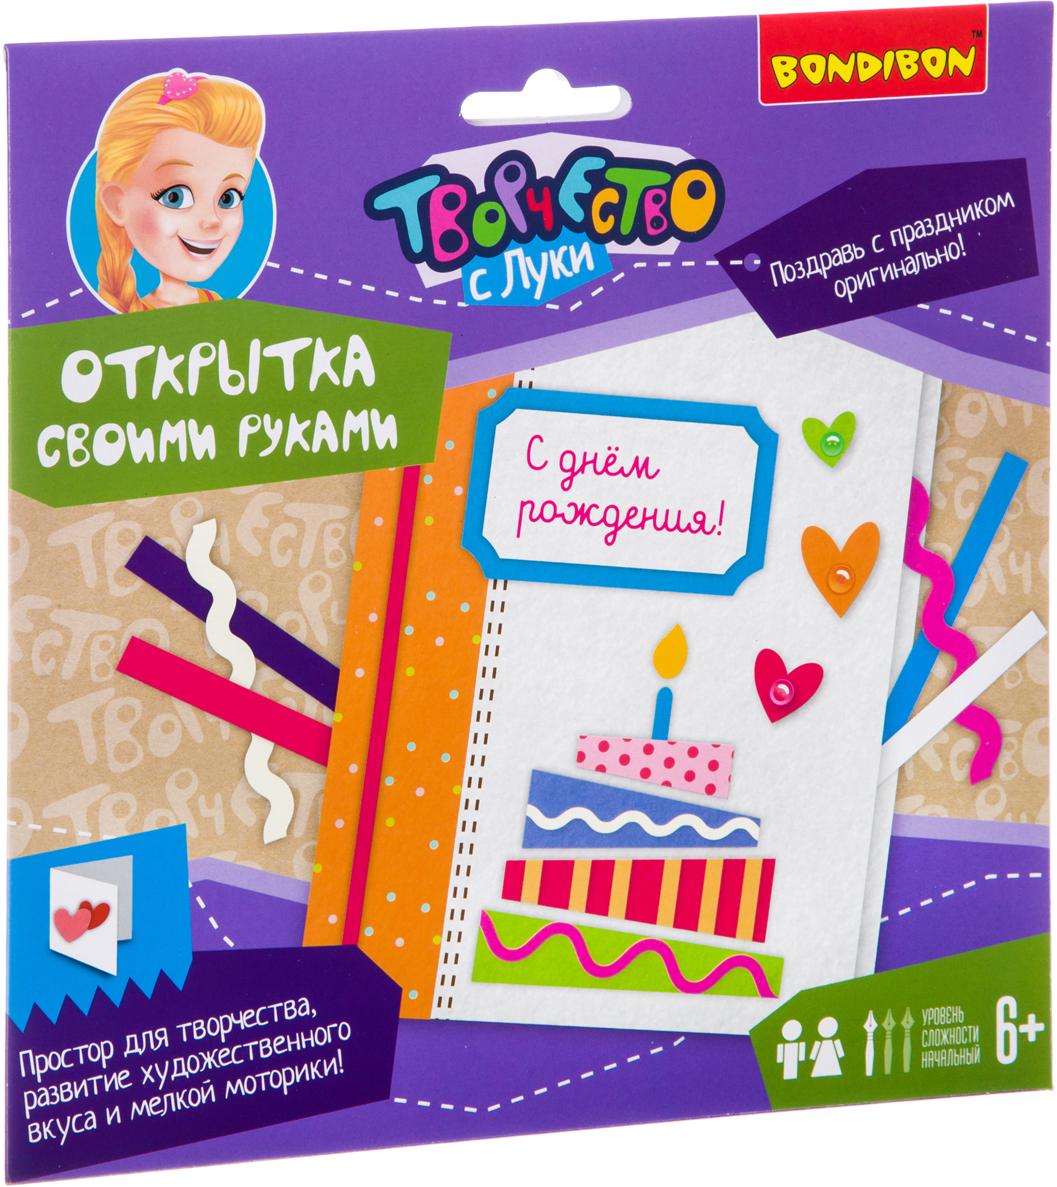 Bondibon Набор для создания открытки Открытка своими руками С Днем рождения!